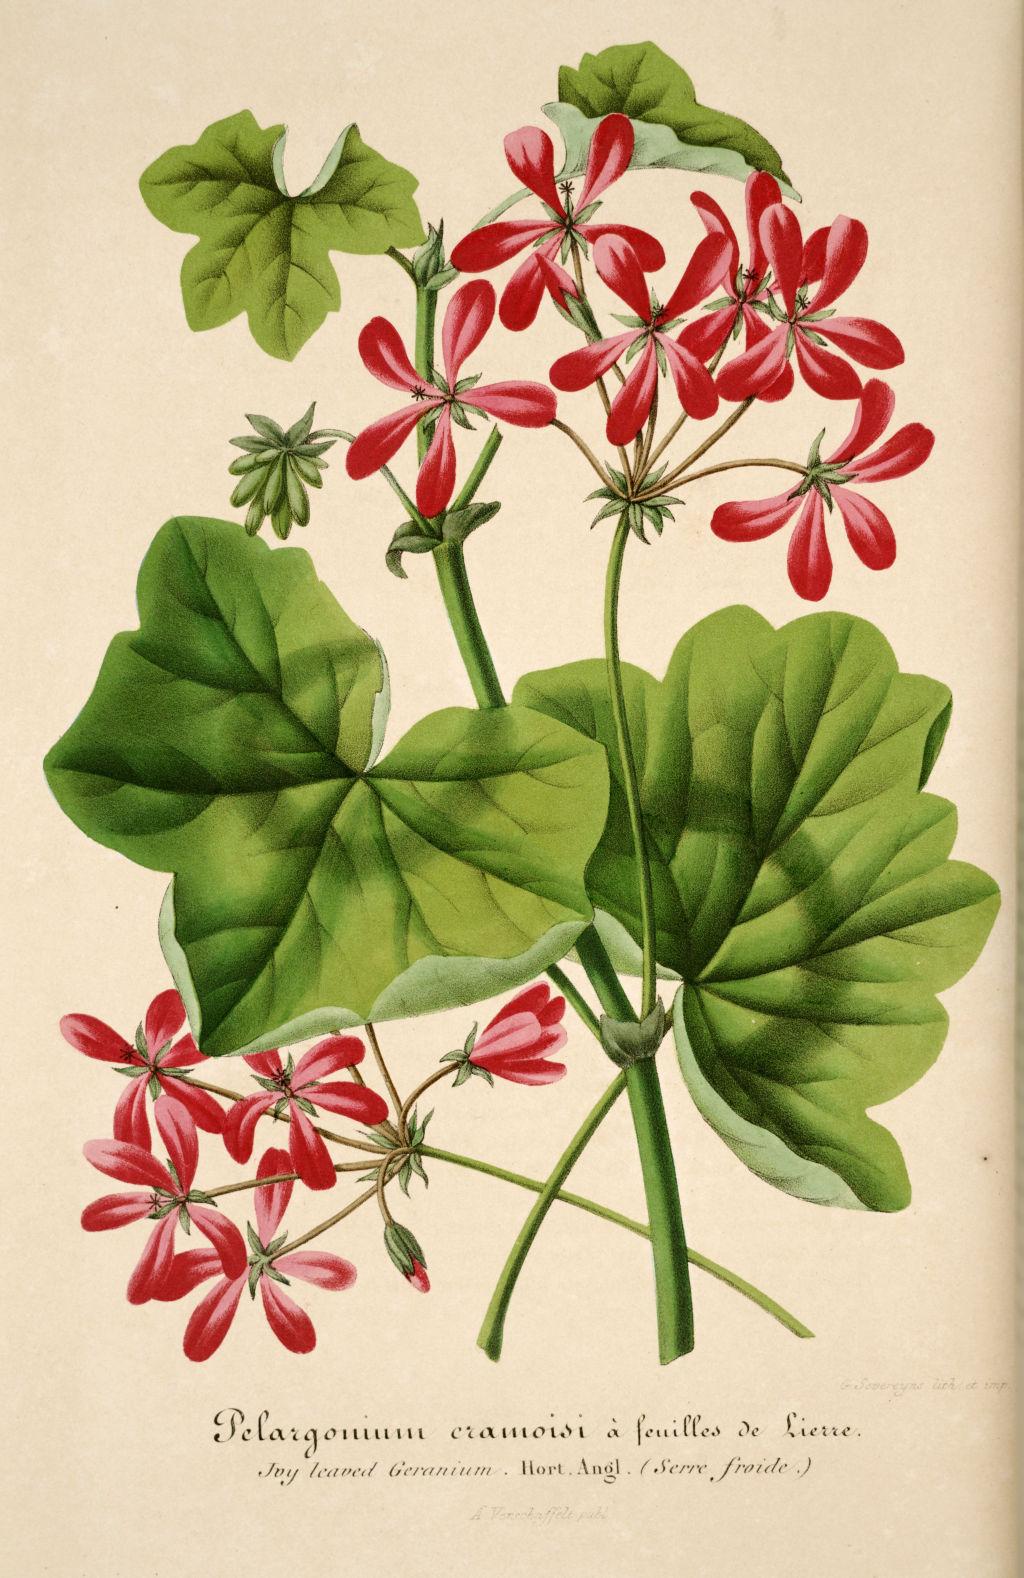 Gravures fleurs plantes ornement gravures fleurs et plantes ornement 1077 geranium feuille for Fleurs et plantes